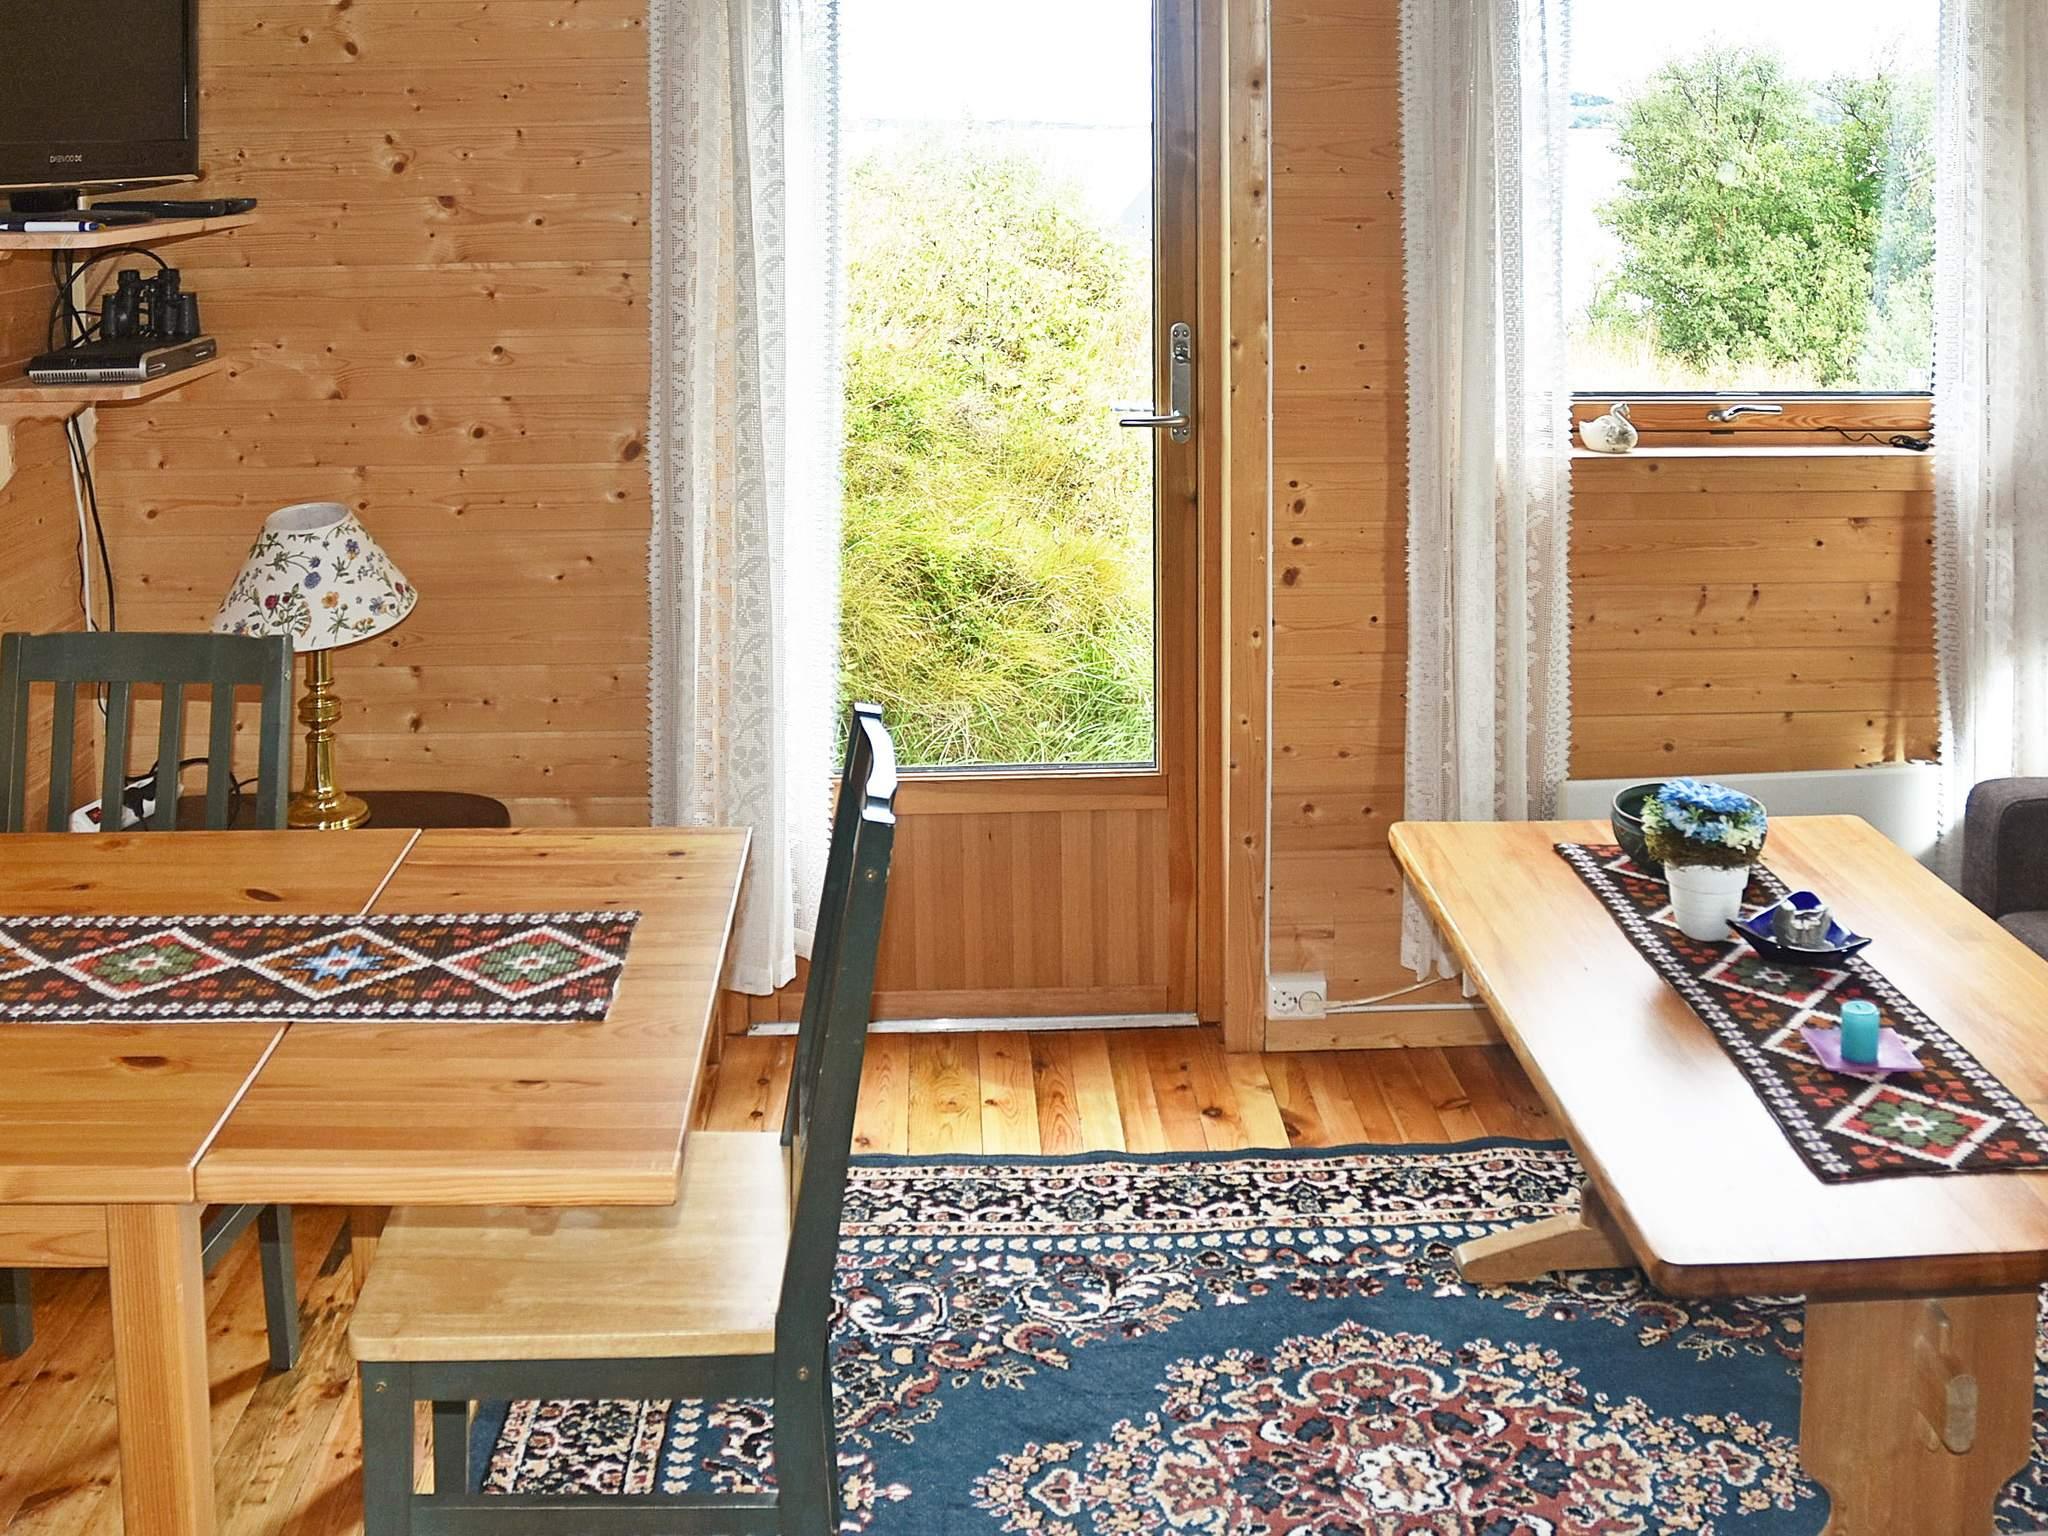 Ferienhaus Tranvikan (1702722), Fillan, Tröndelag Süd - Trondheimfjord Süd, Mittelnorwegen, Norwegen, Bild 29